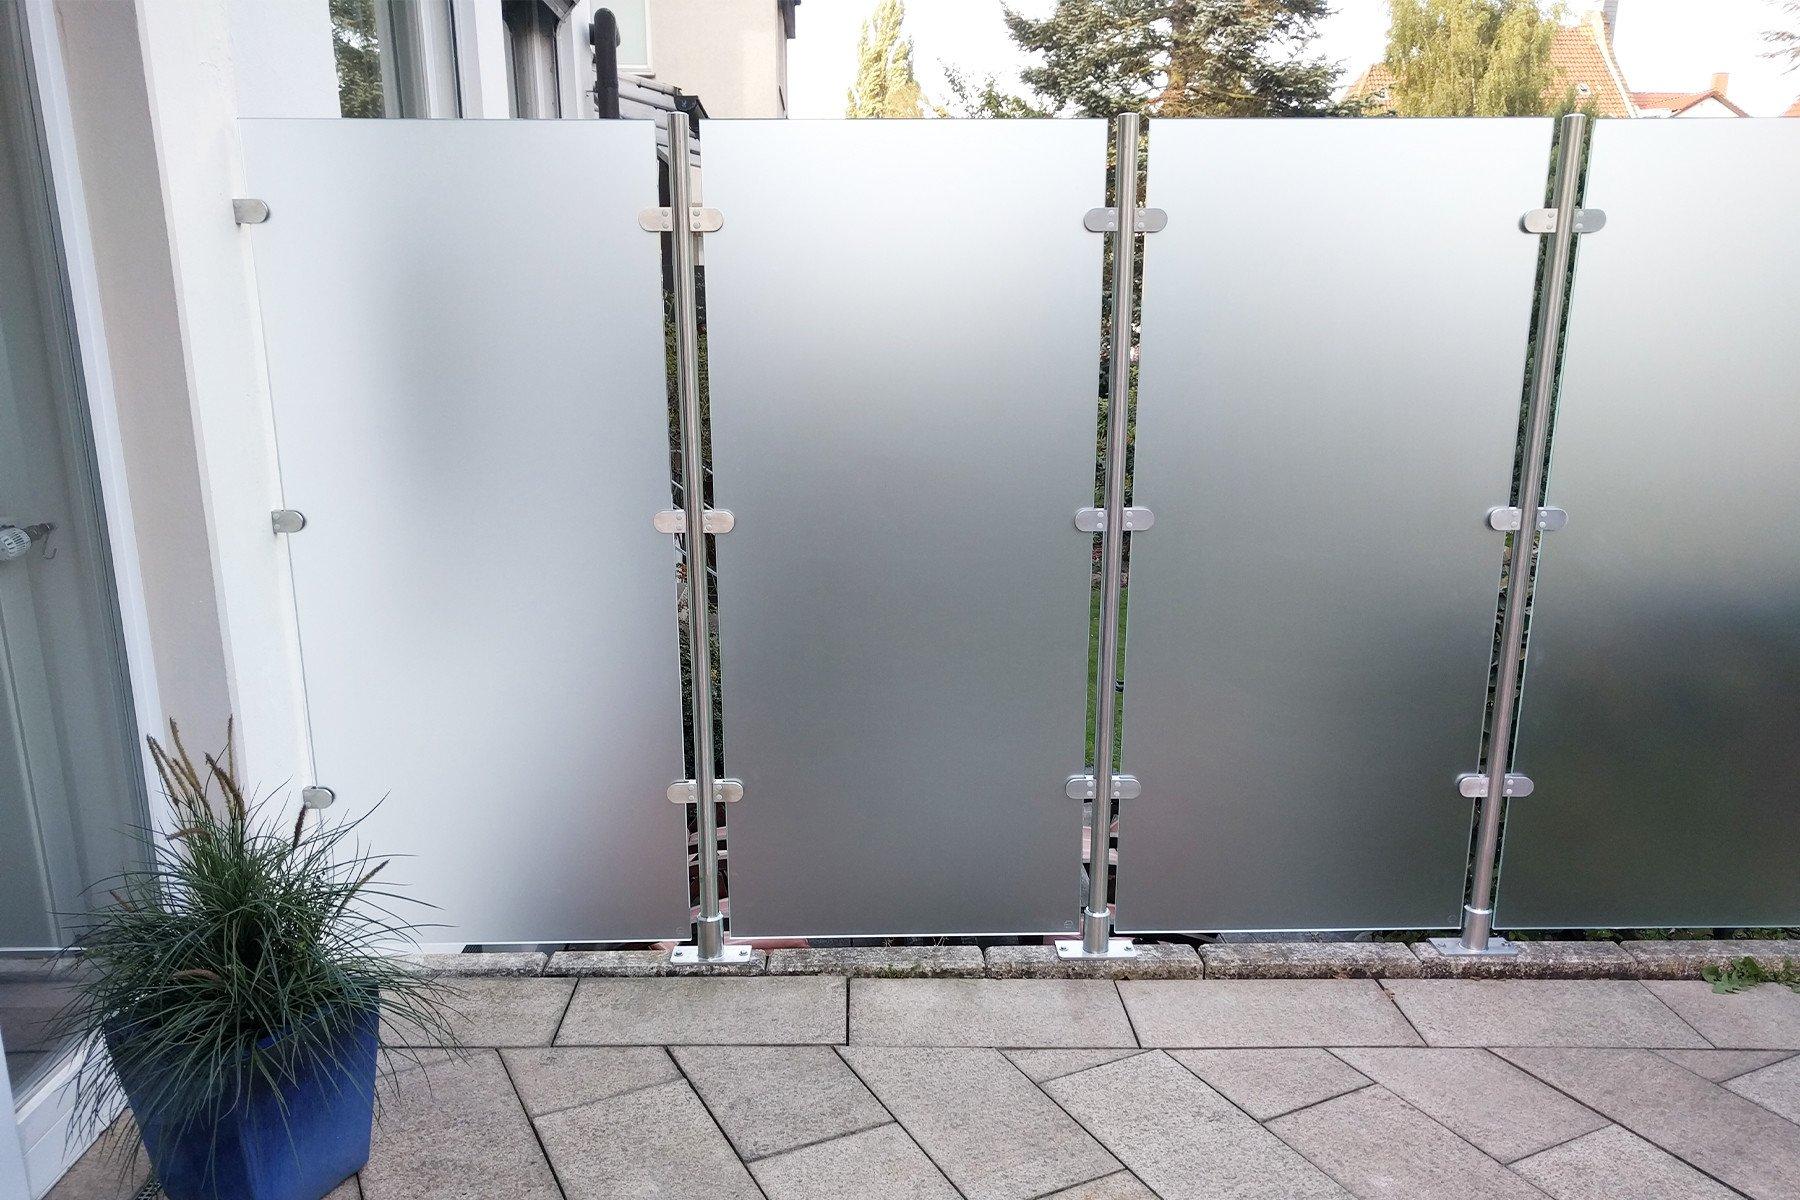 wind-und-sichtschutz-transvent-mit-seitlichen- glasklemmen-optimal-fuer-die-terrasse